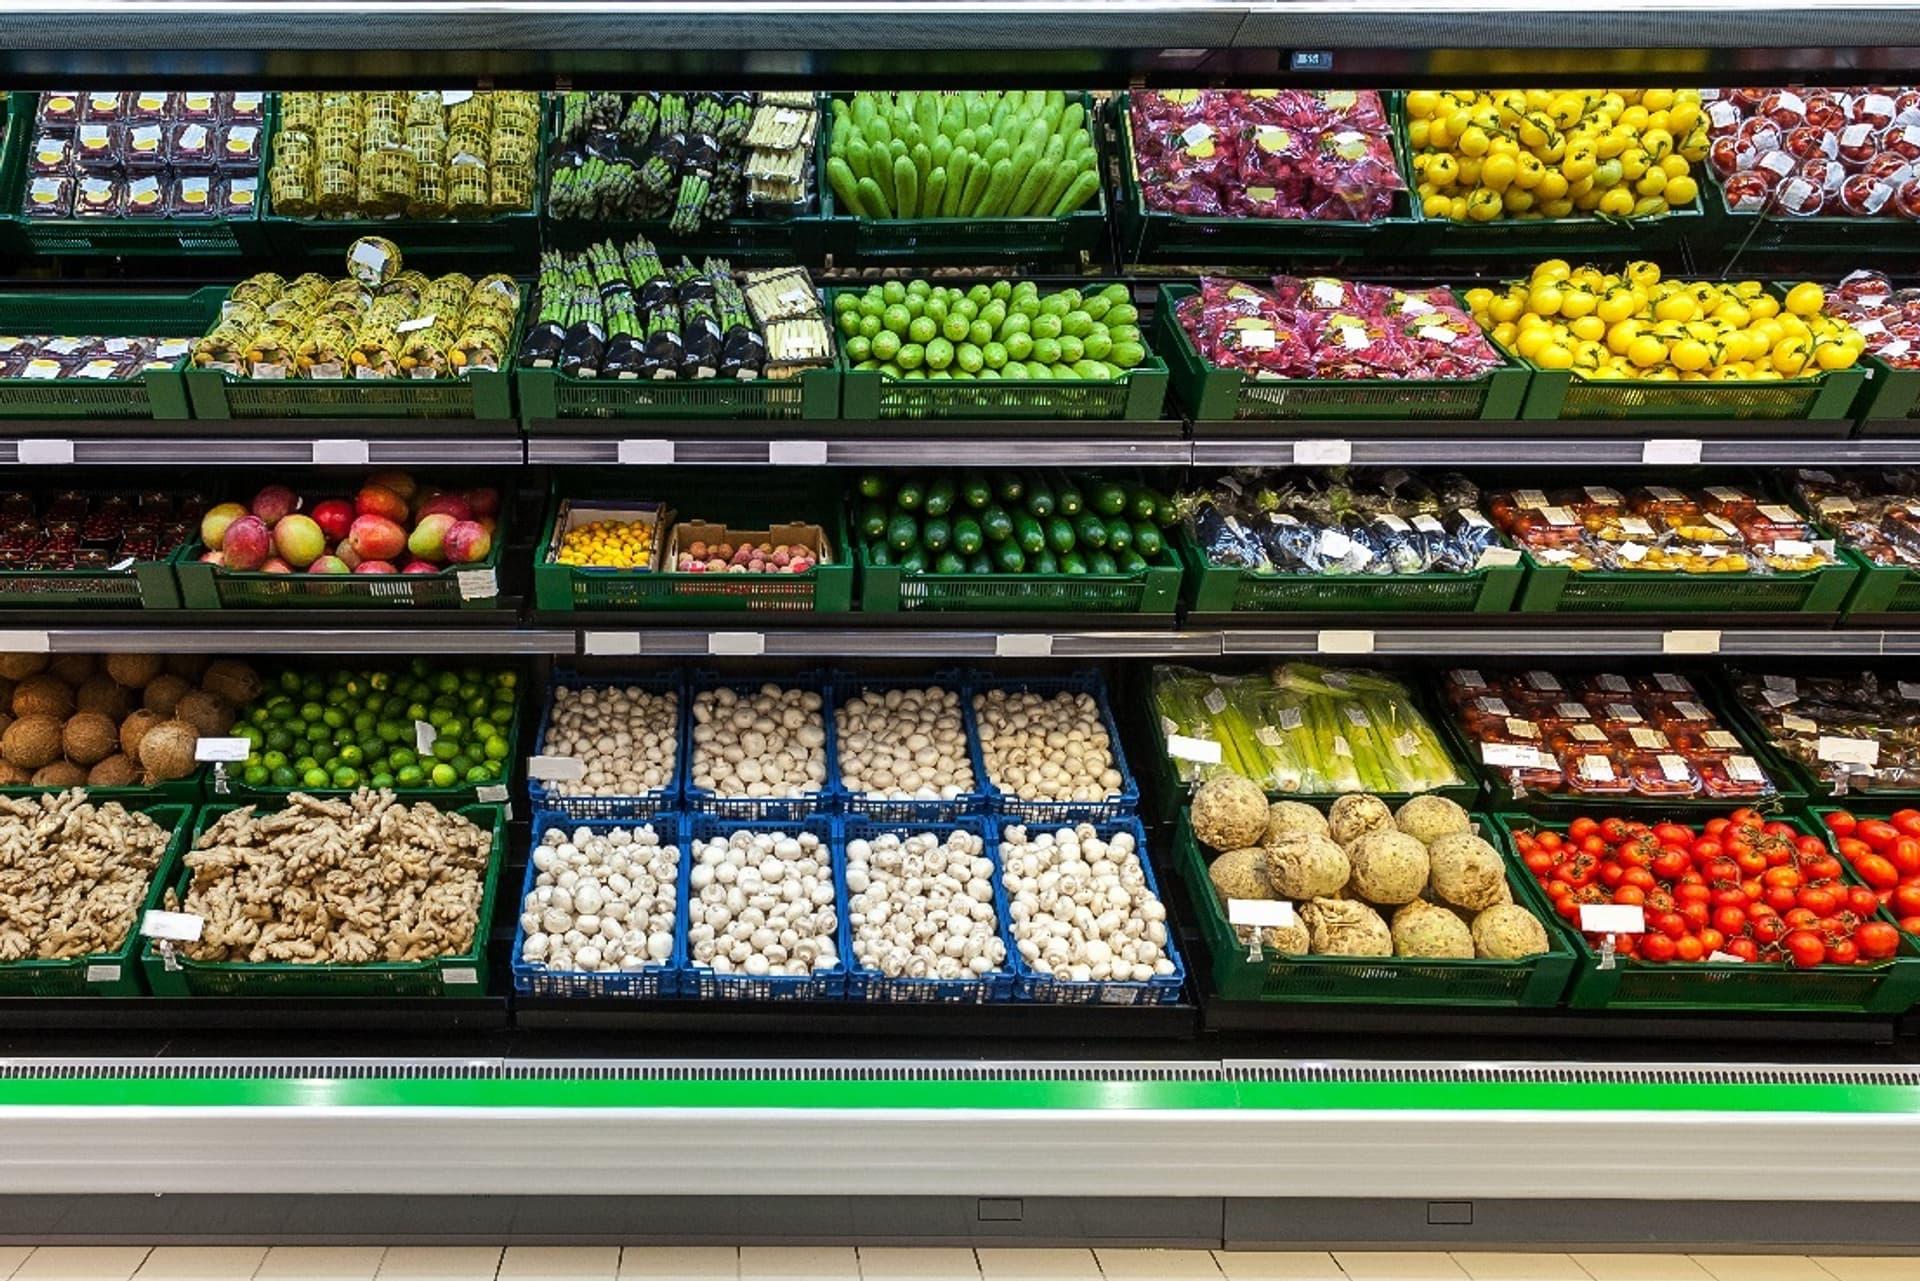 Schön präsentiert, aber ohne Nachhaltigkeitsstrategie eingekauft: Konventionelles Obst und Gemüse im LEH